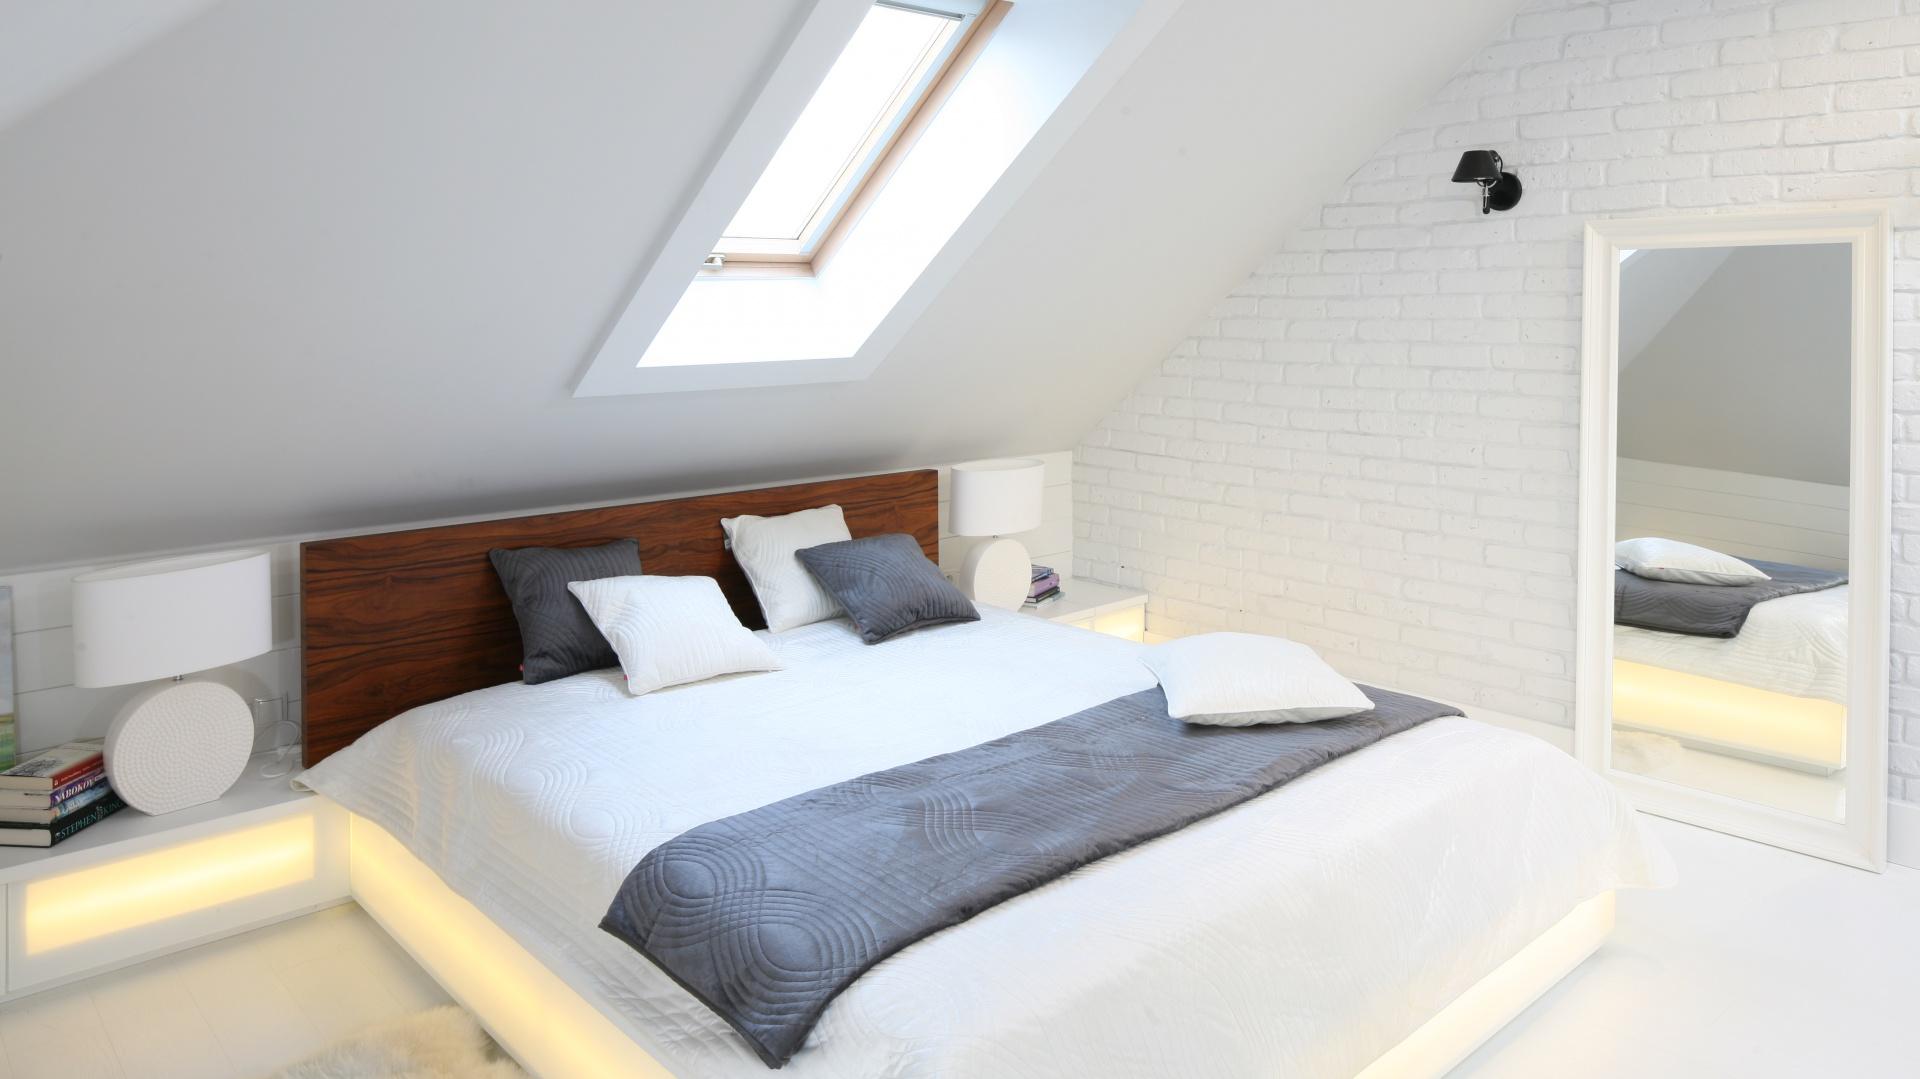 Sypialnia Na Poddaszu Tak Urządzili Inni Przegląd Inspiracji